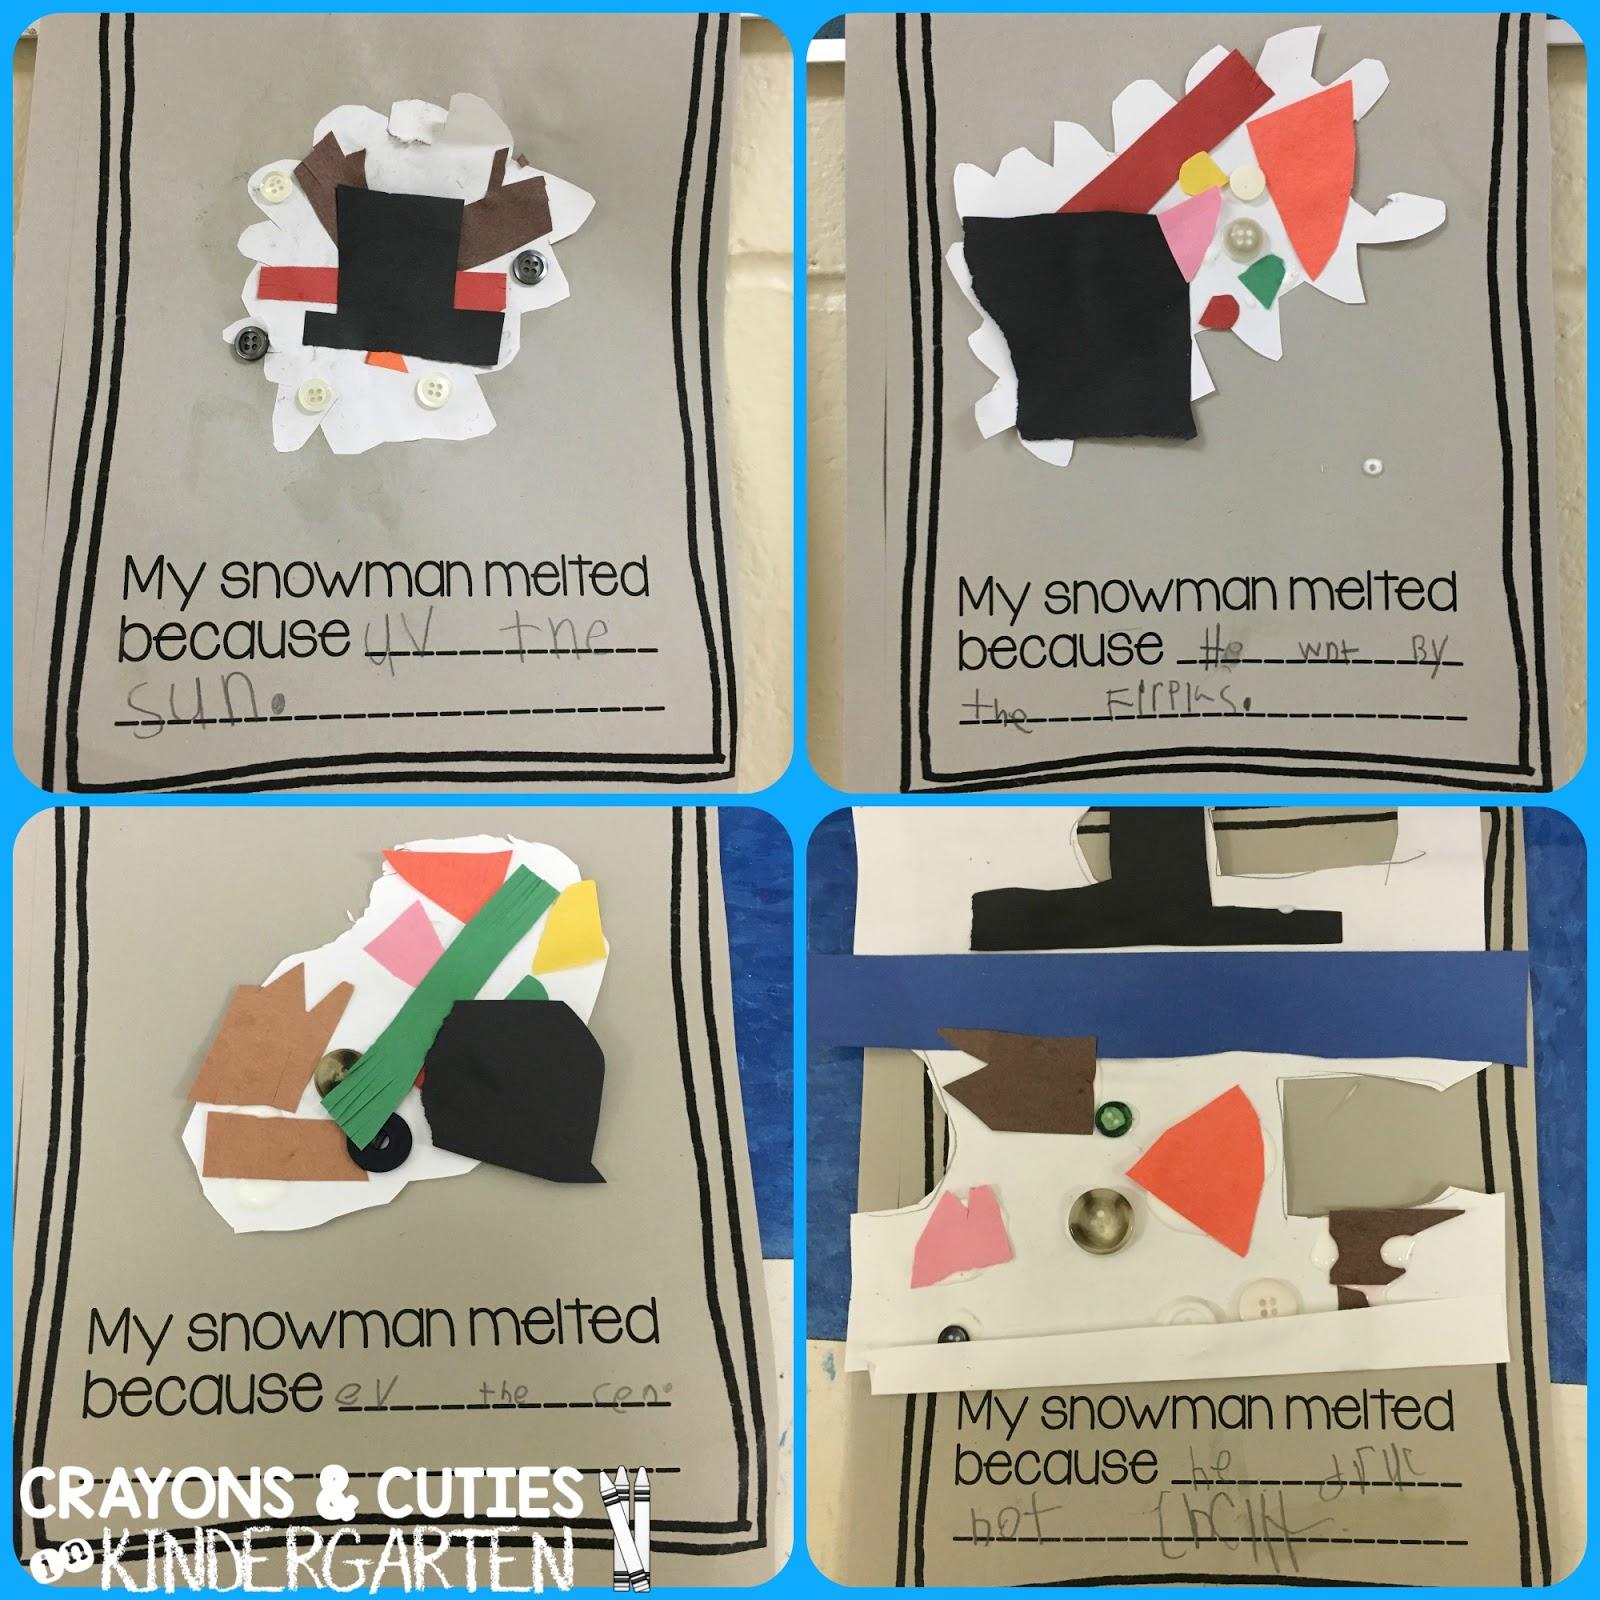 Crayons Amp Cuties In Kindergarten Sneezy The Snowman